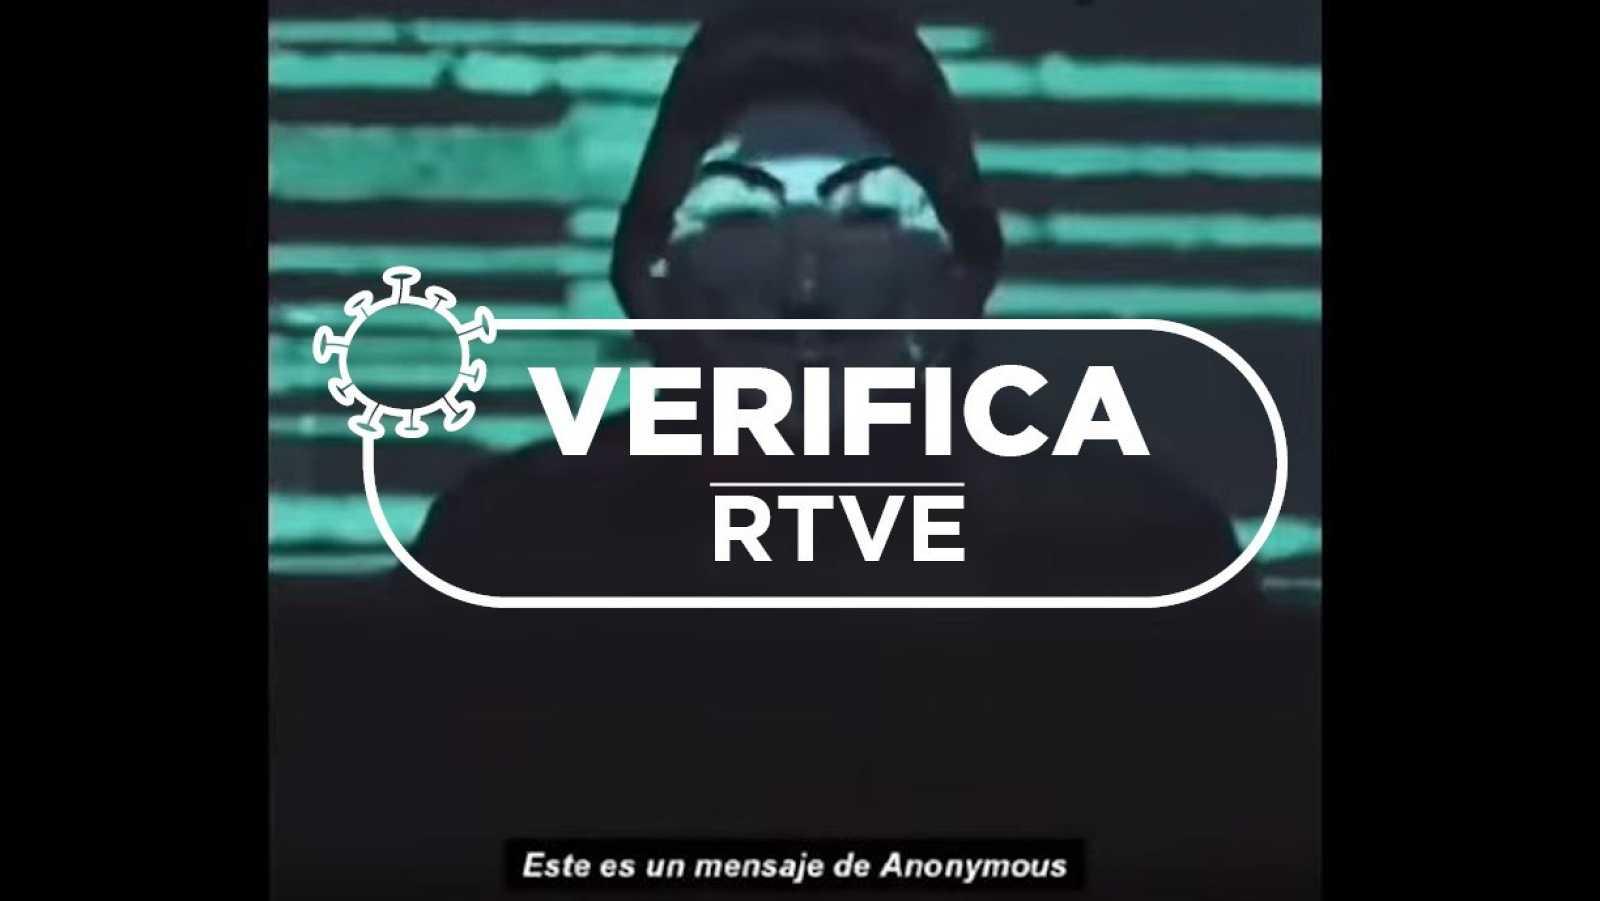 Detalle del nuevo vídeo de Anonymous hecho público el pasado 1 de junio.